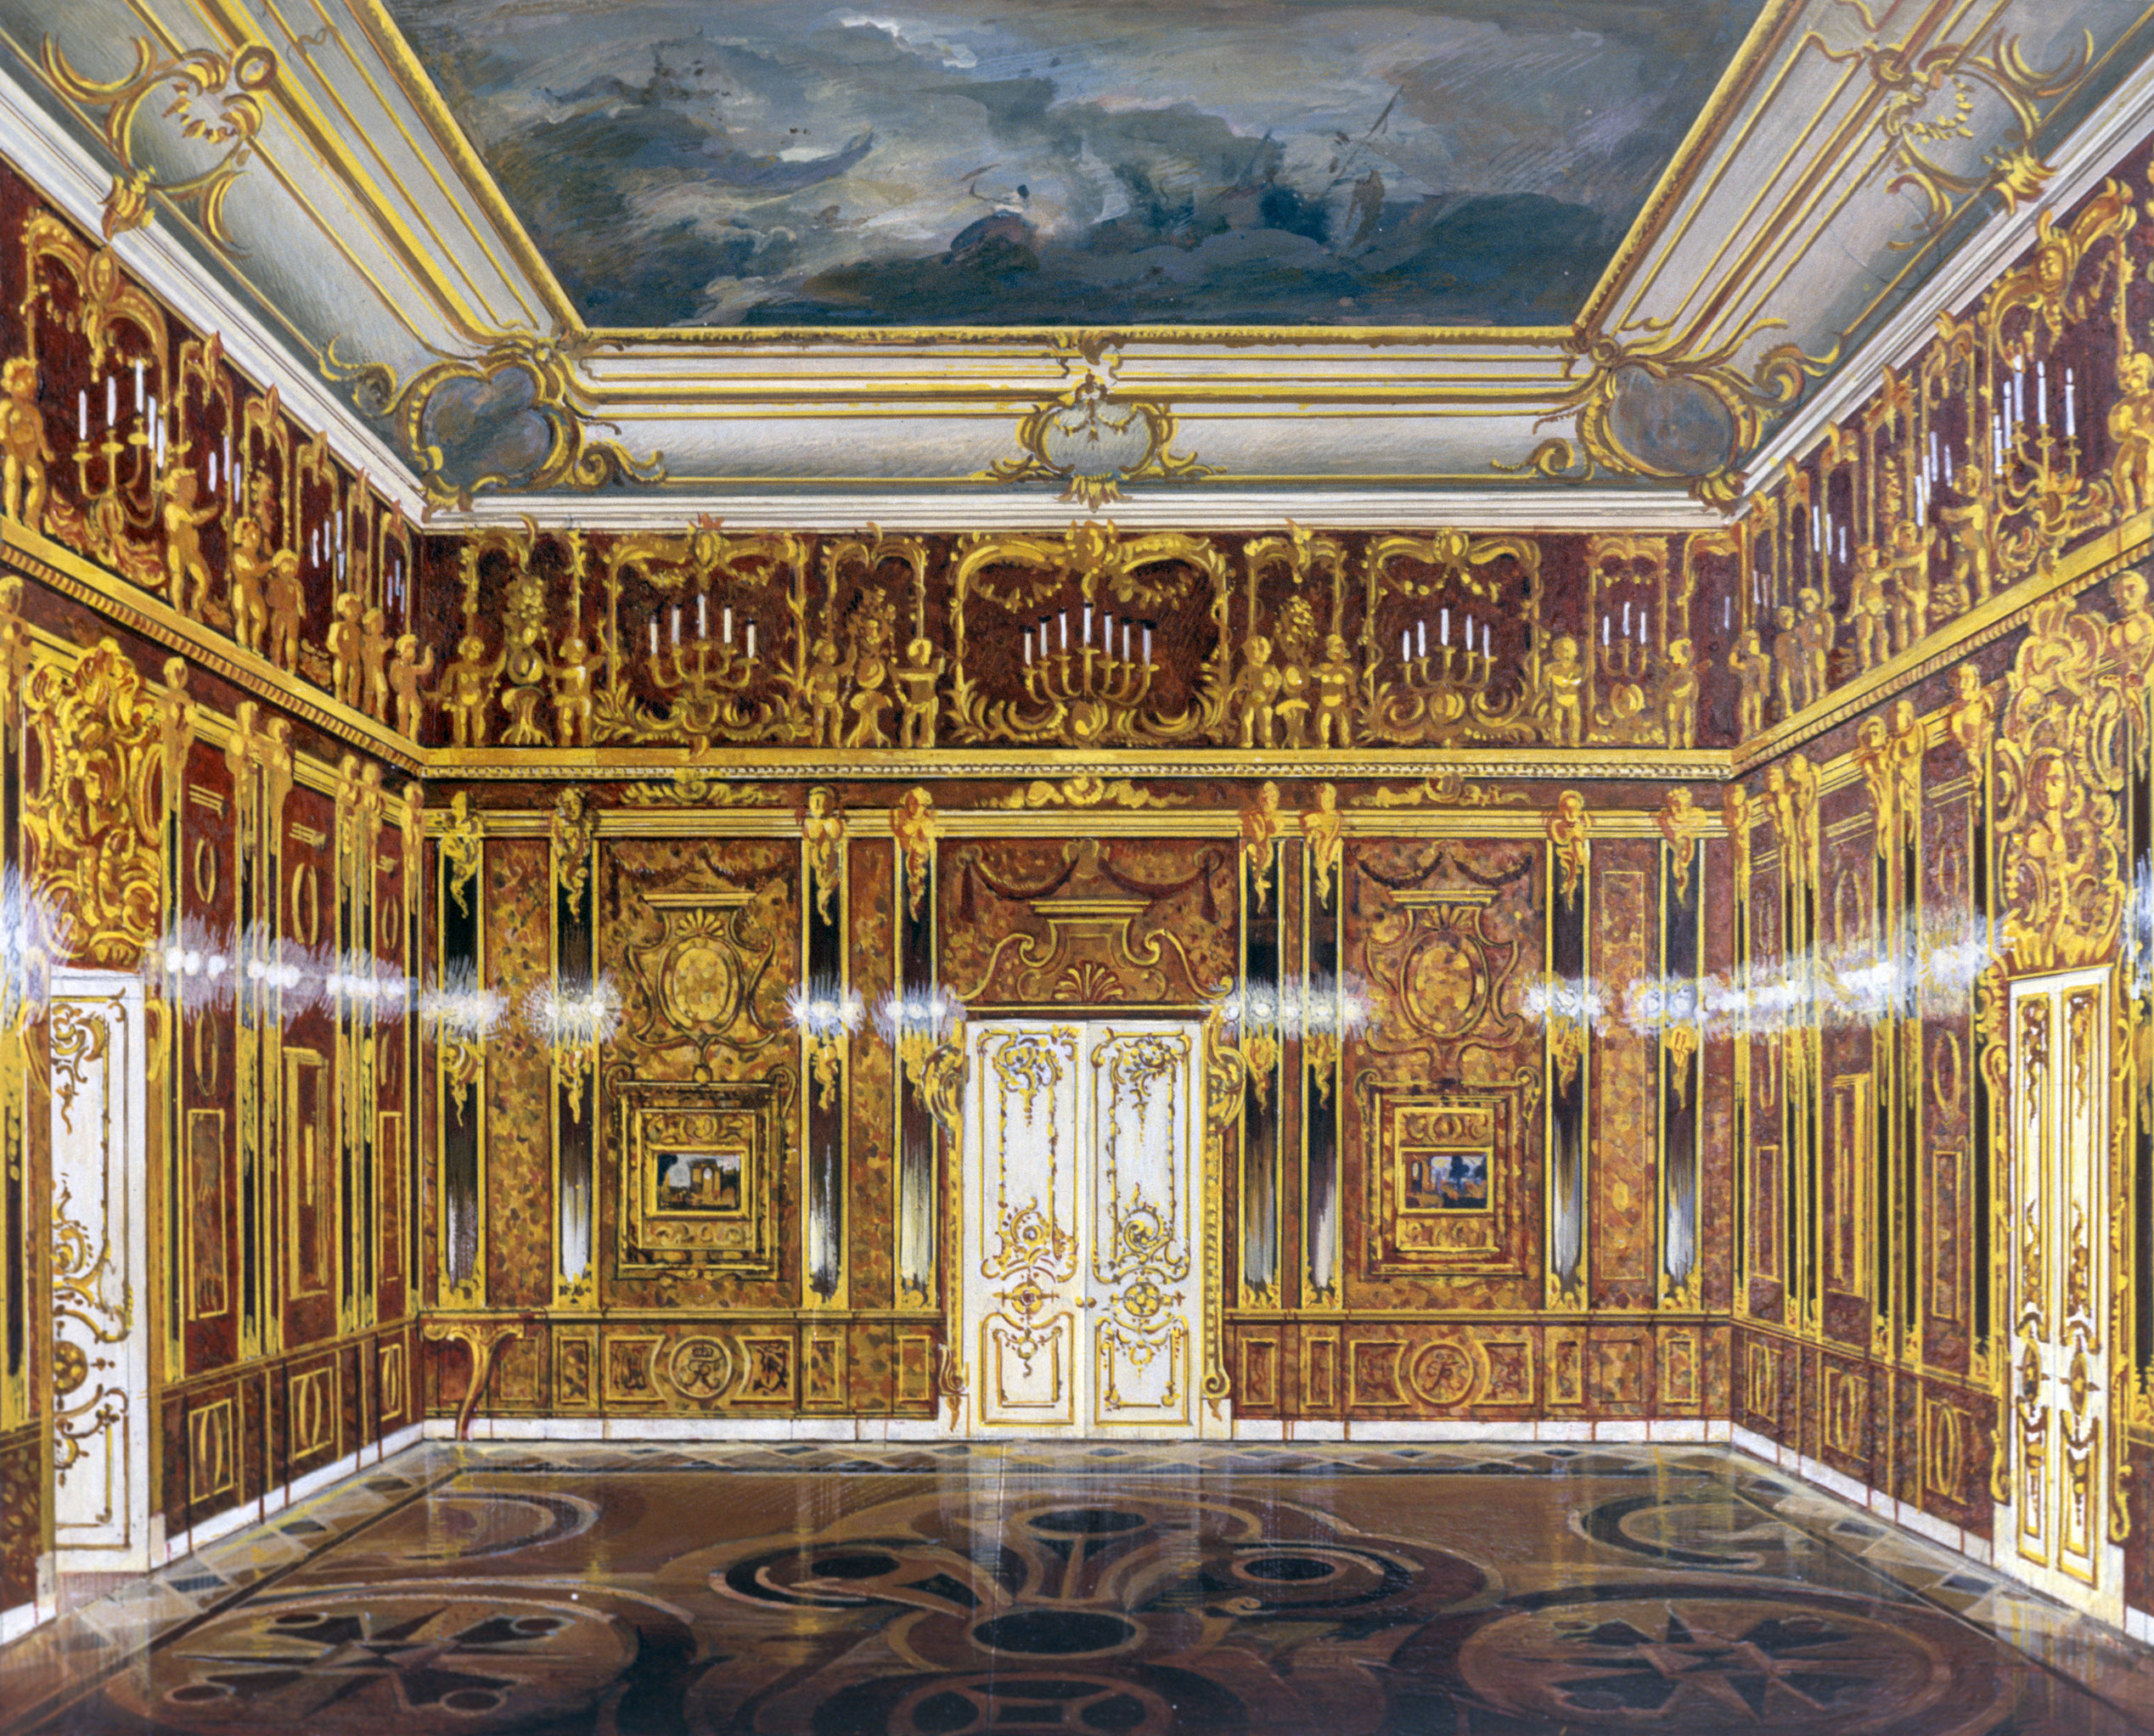 La reproduction de la Chambre d'ambre